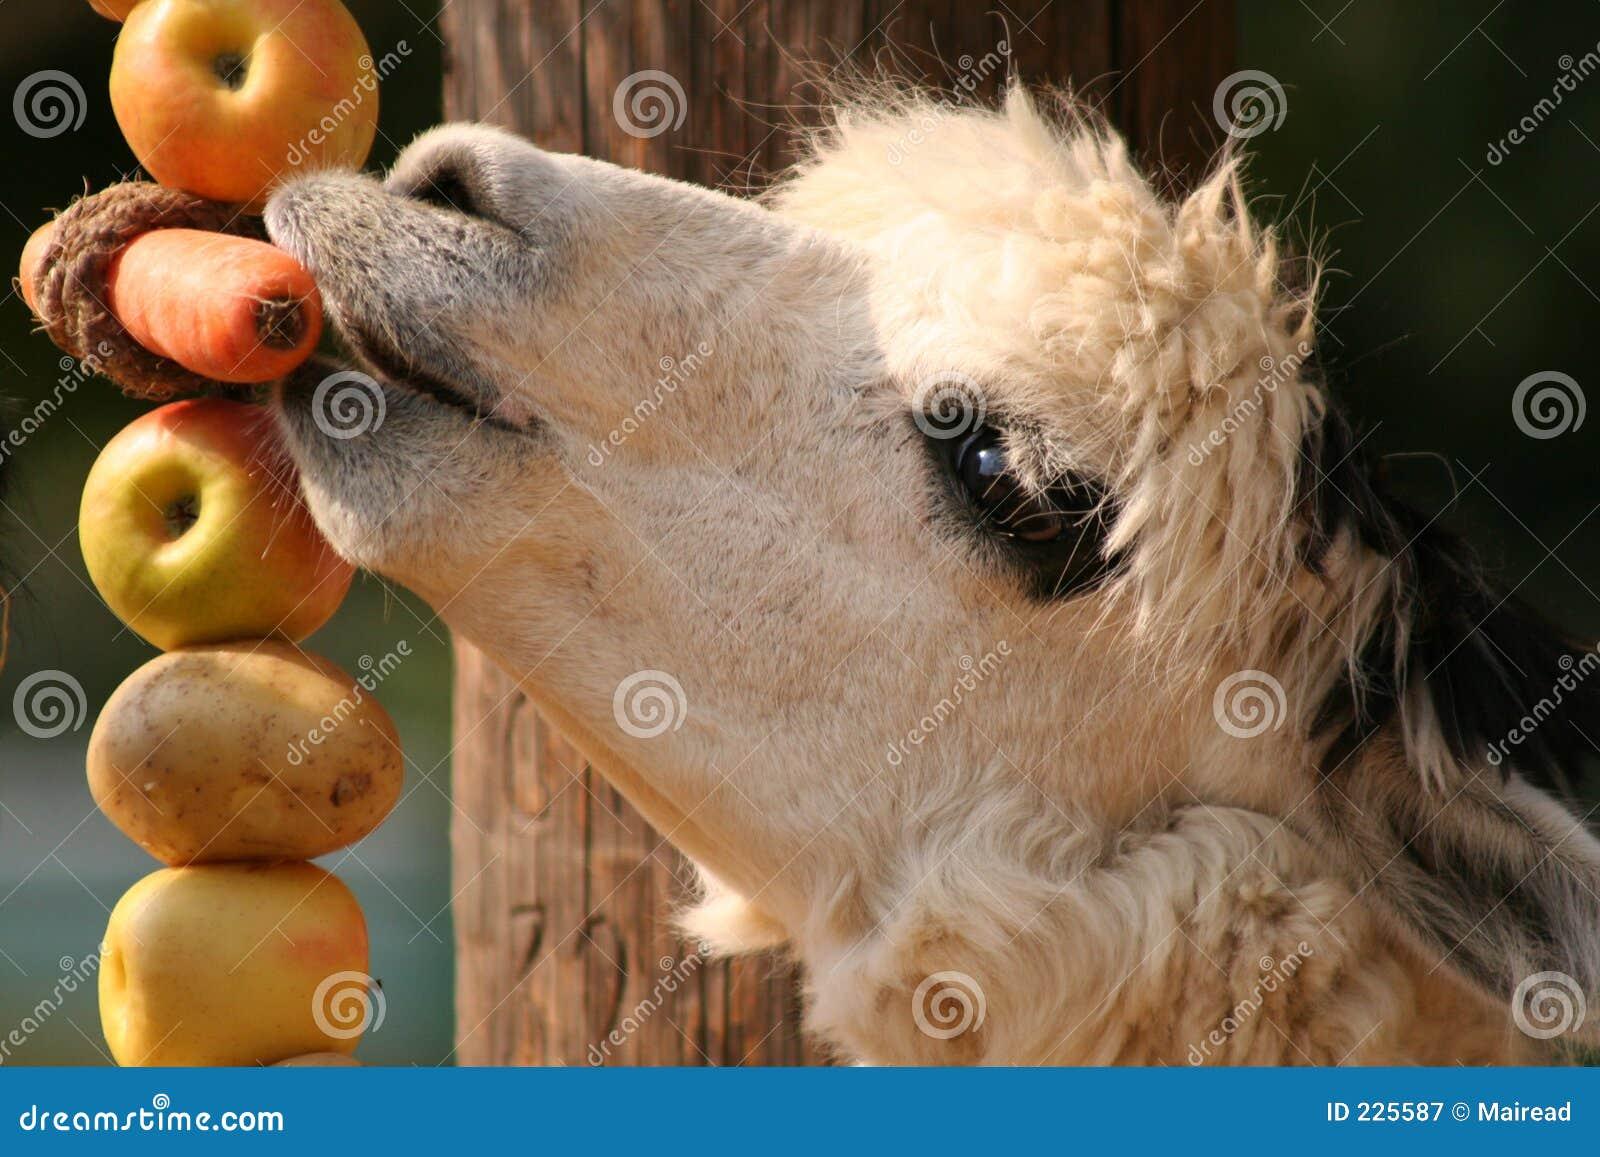 Download Alpaca stock image. Image of mammal, peru, alpaca, carrot - 225587